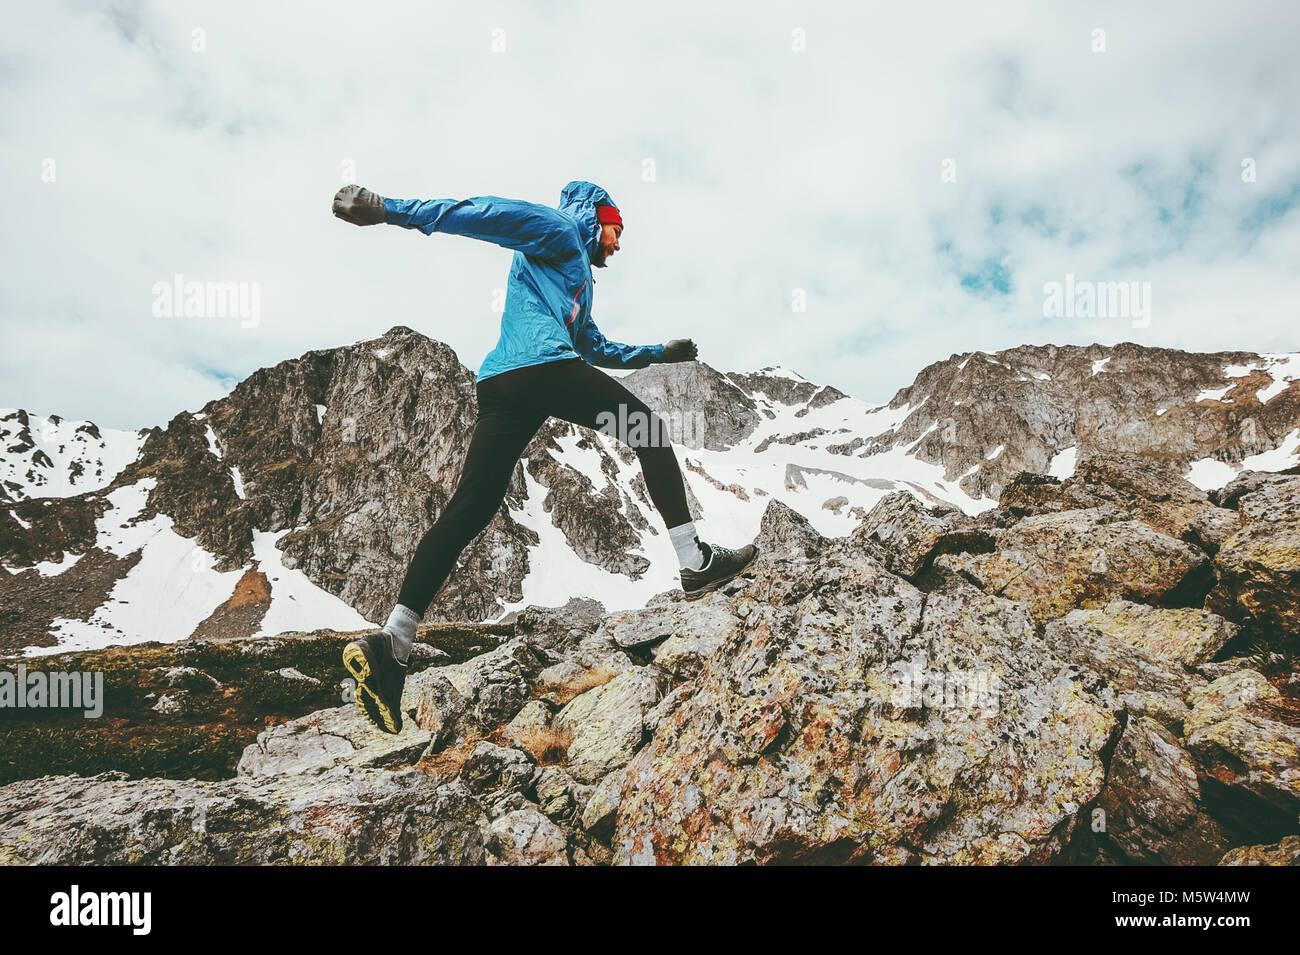 Running Man vacances actives dans les montagnes d'aventure voyage de vie sain concept endurance sport skyrunning Photo Stock